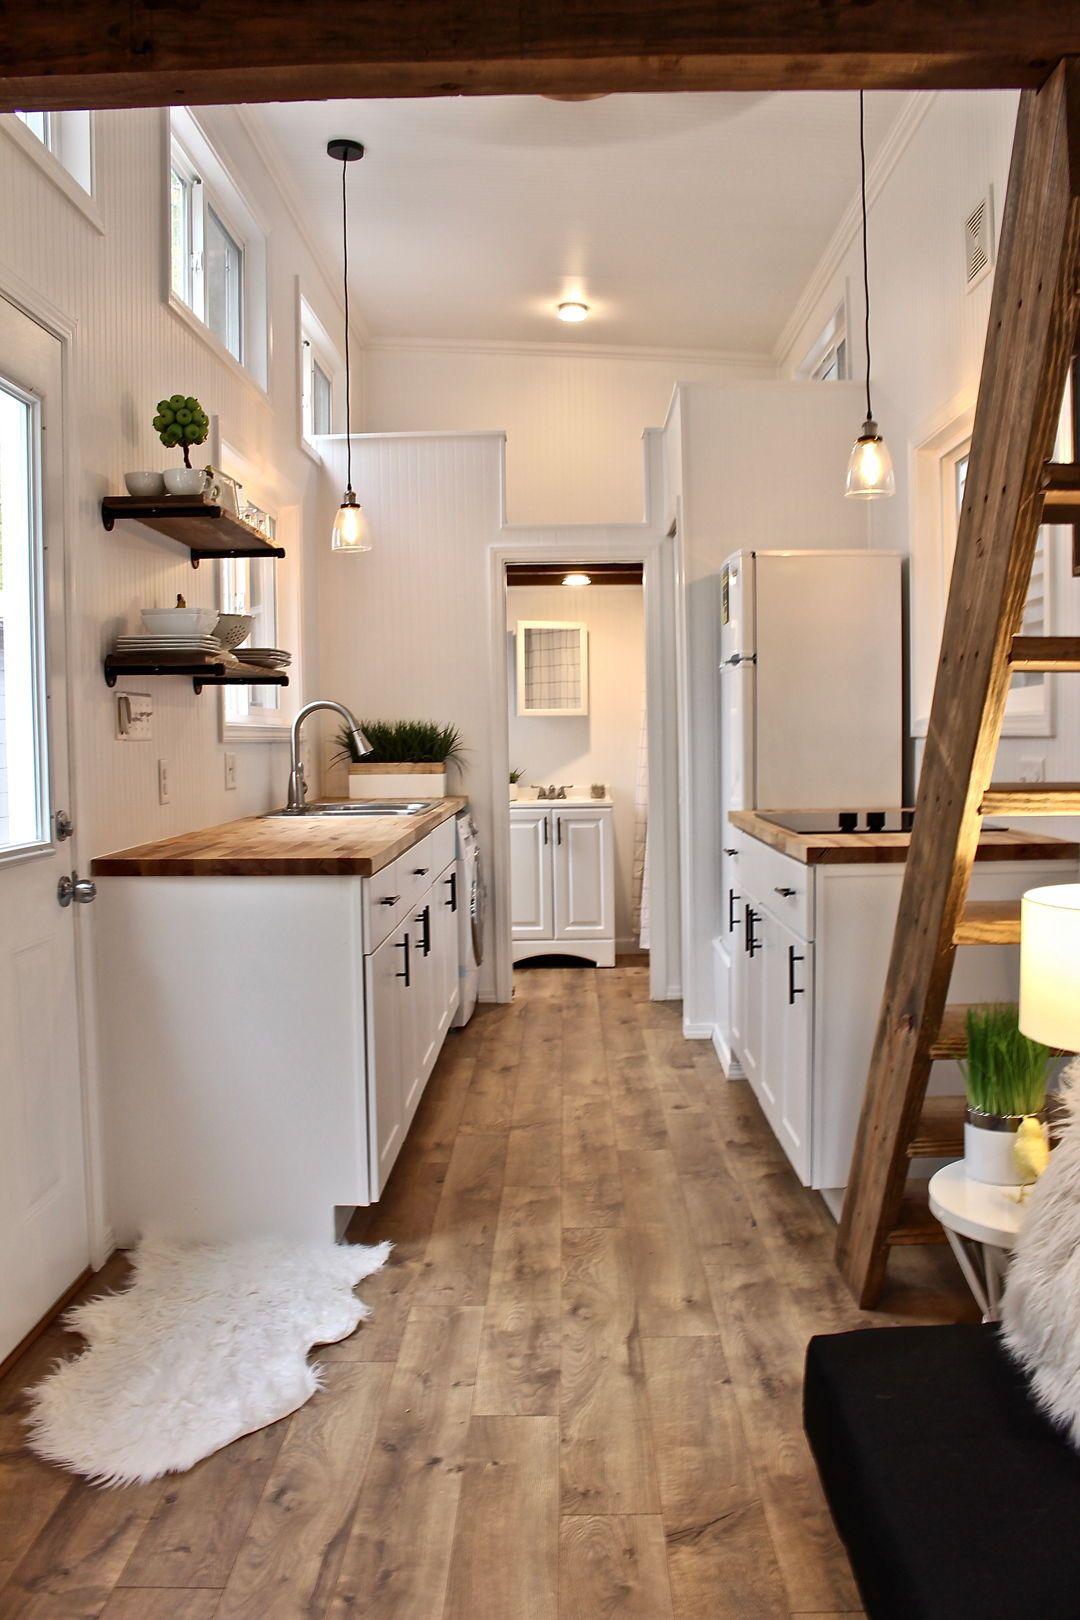 идеи дизайна интерьера миниатюрного дома фото 2